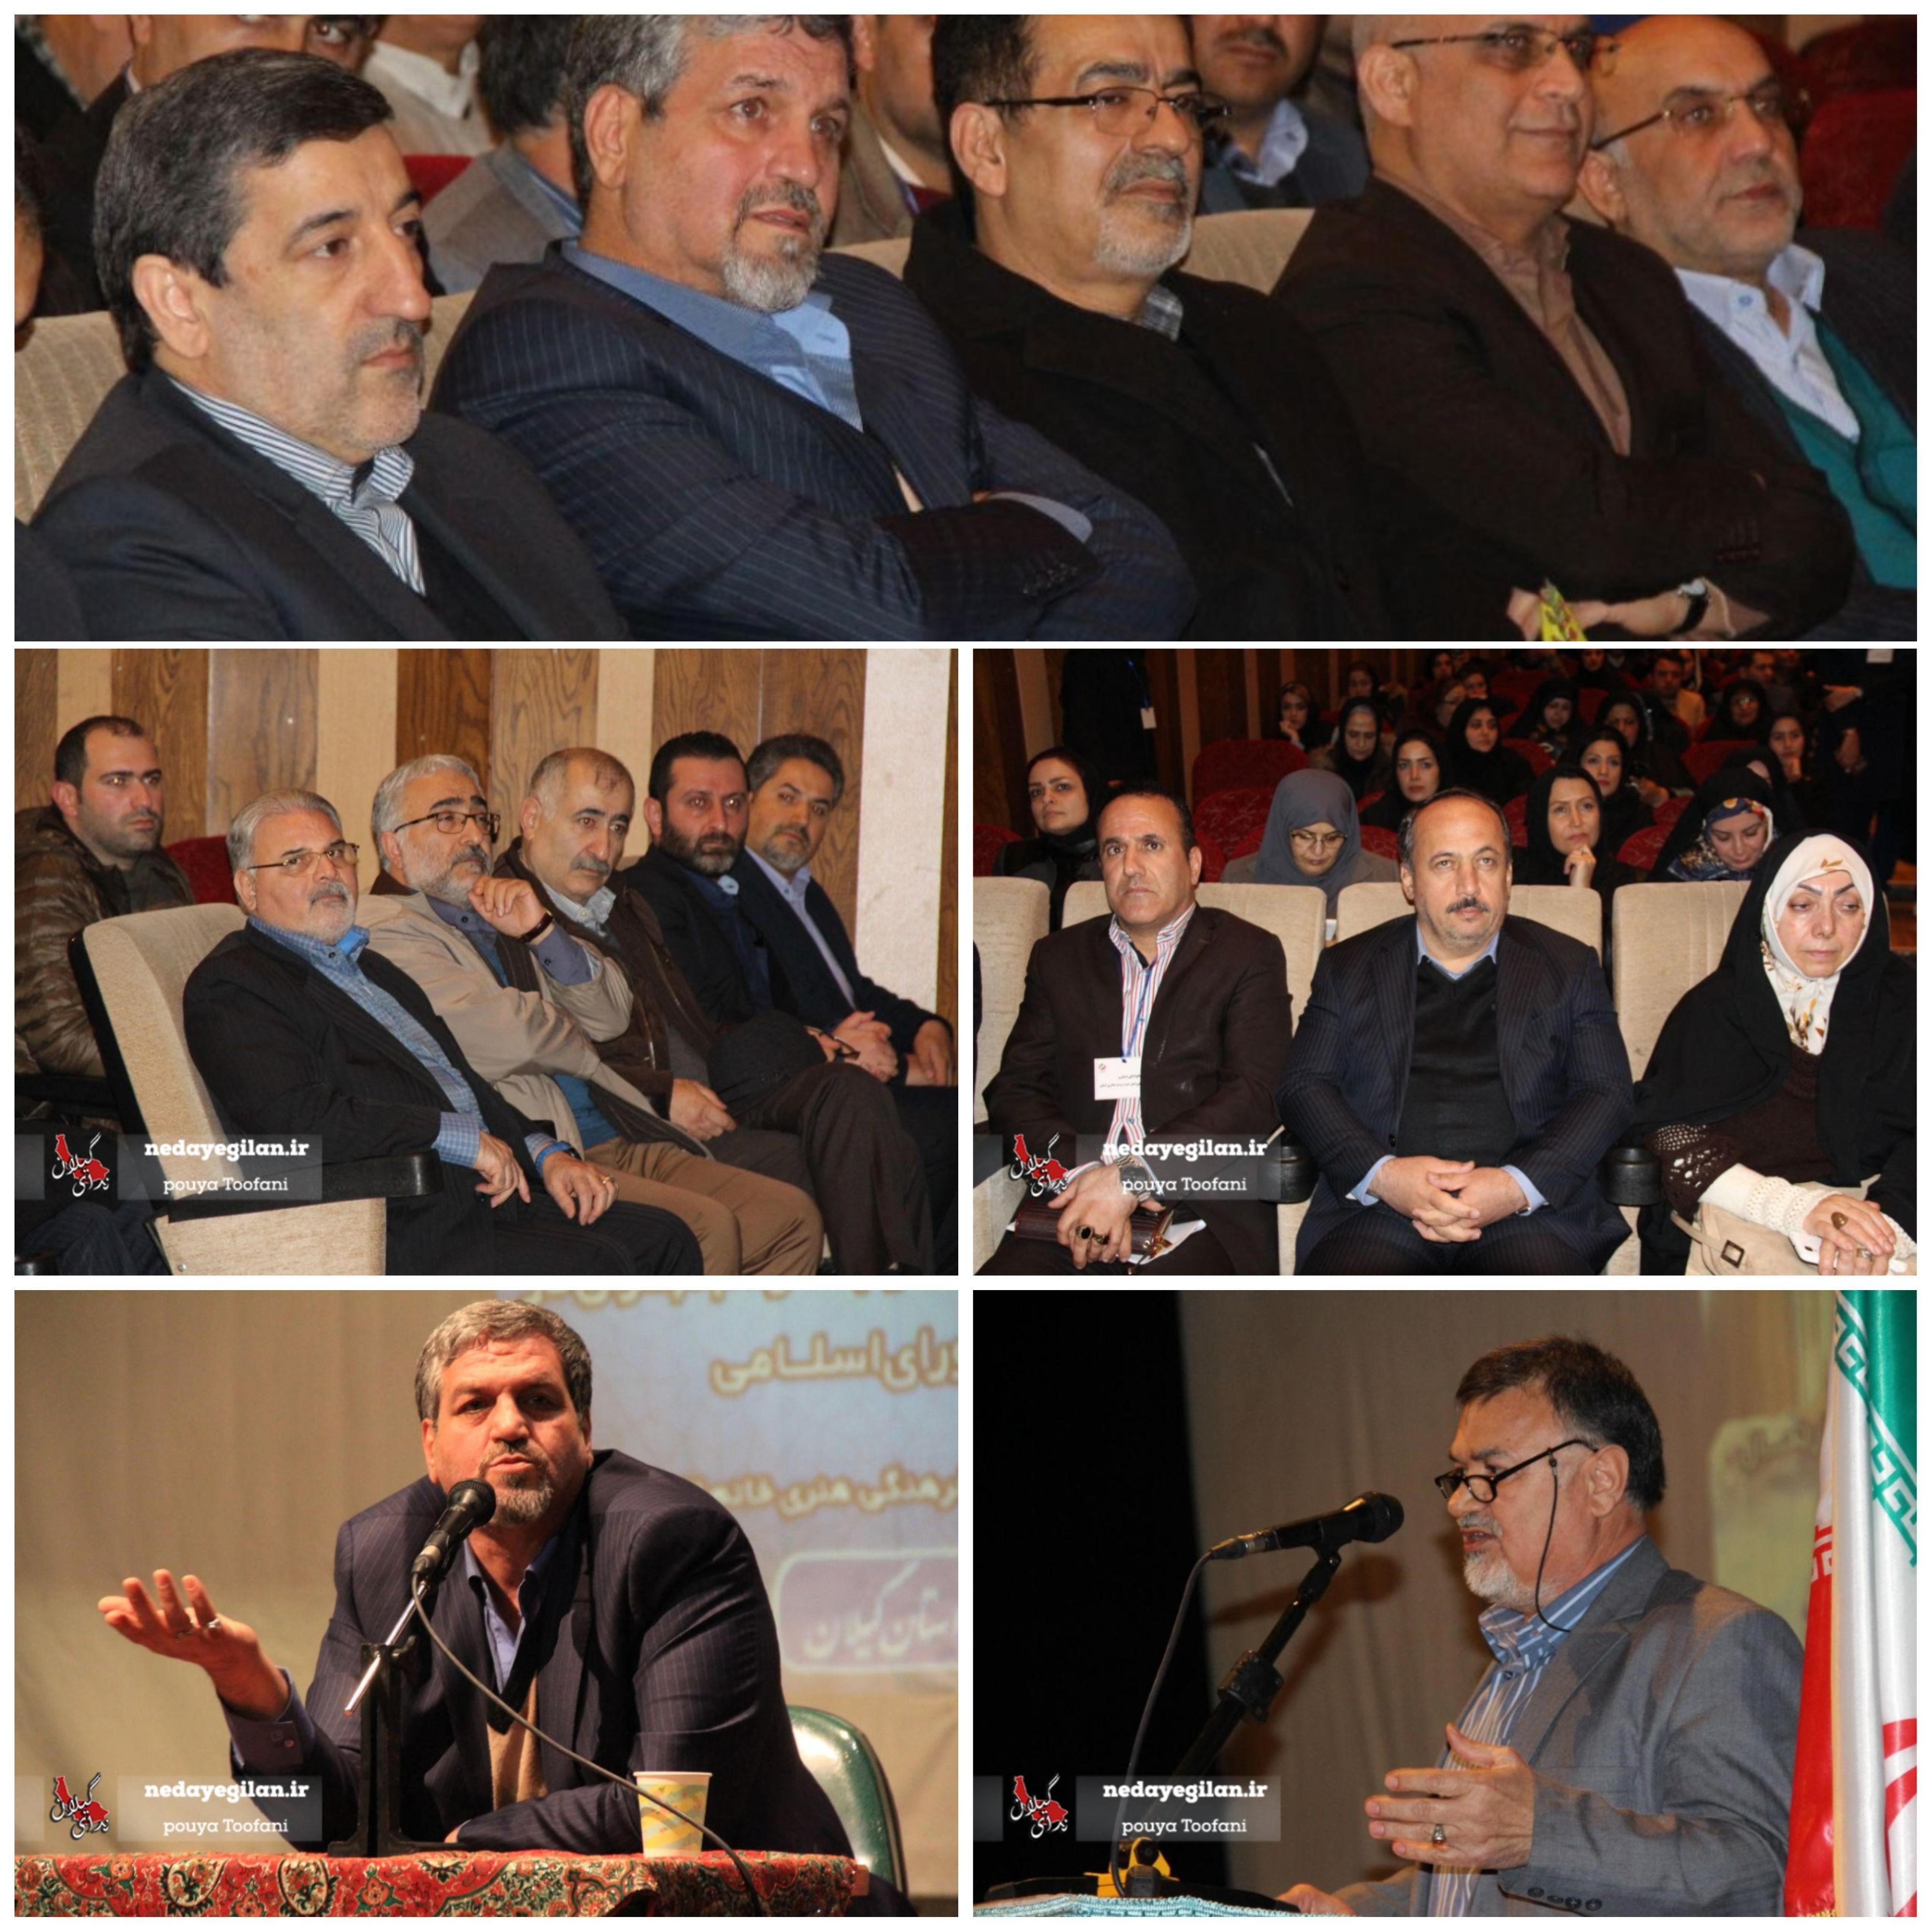 گزارش تصویری مراسم سالگرد ارتحال آیت الله هاشمی رفسنجانی در رشت